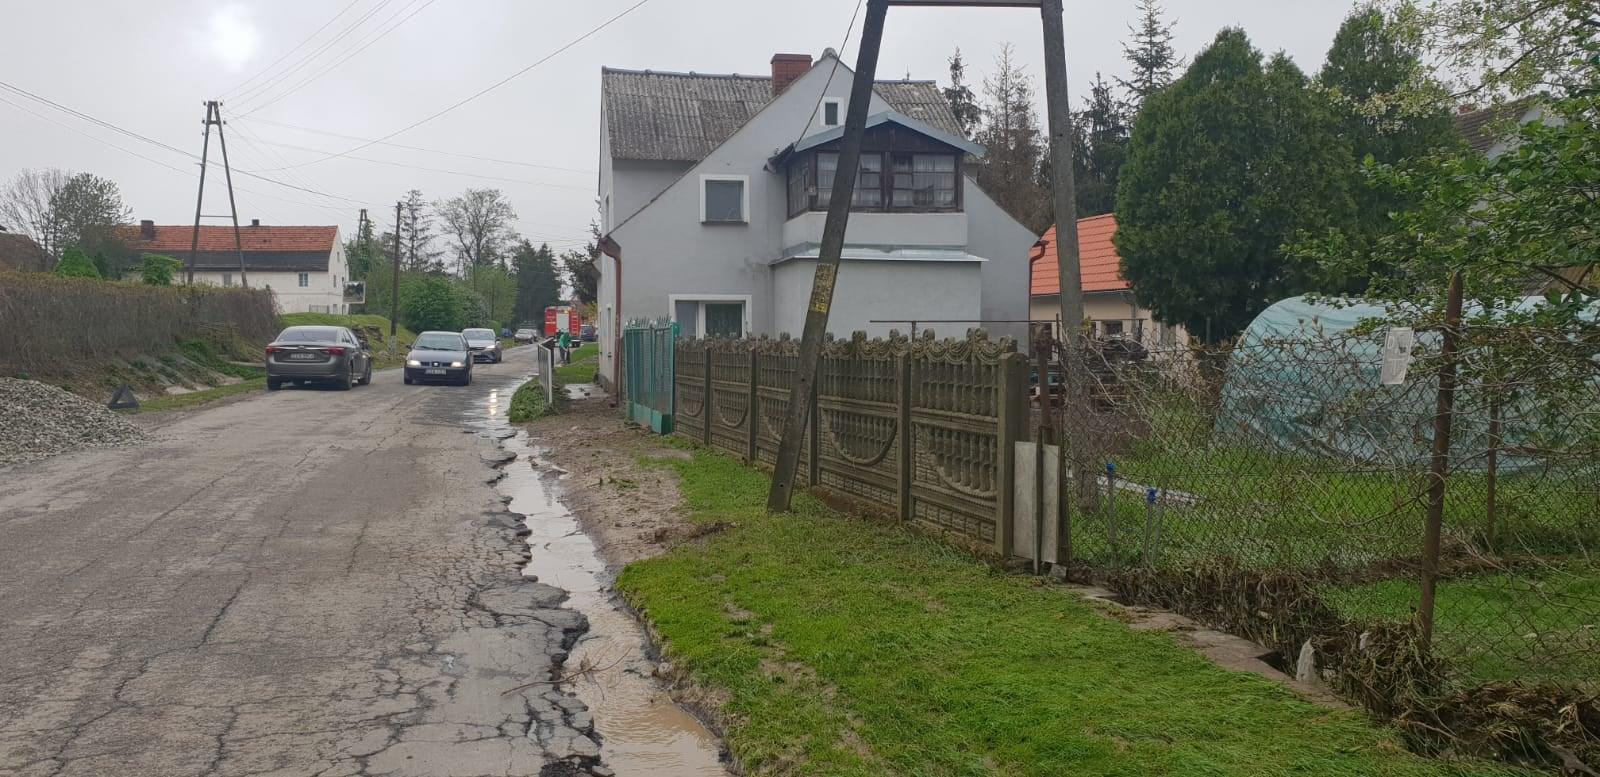 Kamieniec Ząbkowicki: W wyniku nawałnic poszkodowanych zostało aż 20 rodzin - Zdjęcie główne